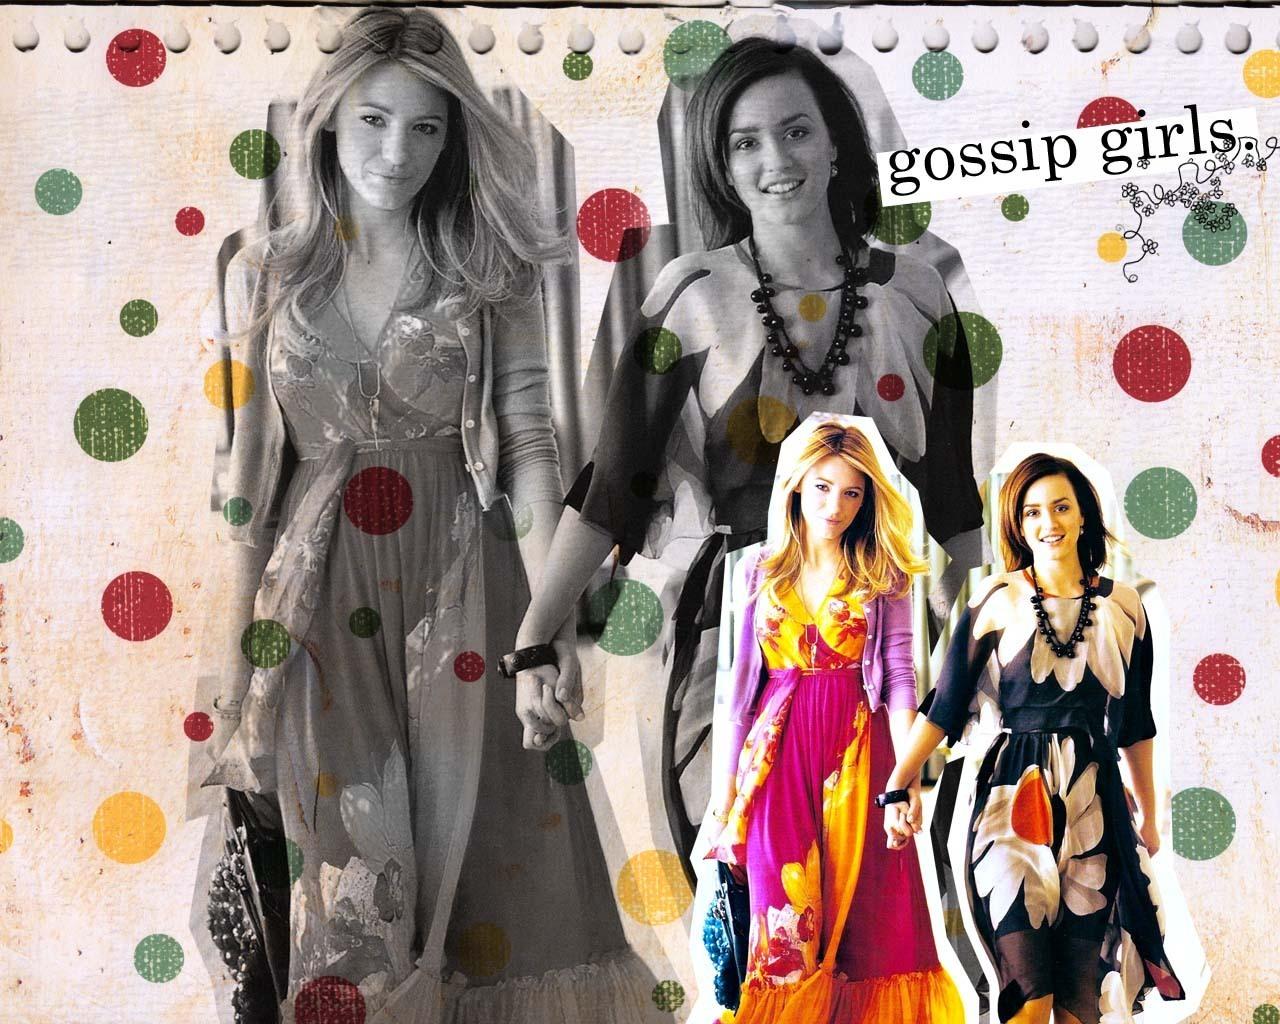 Bs.To/Gossip Girl